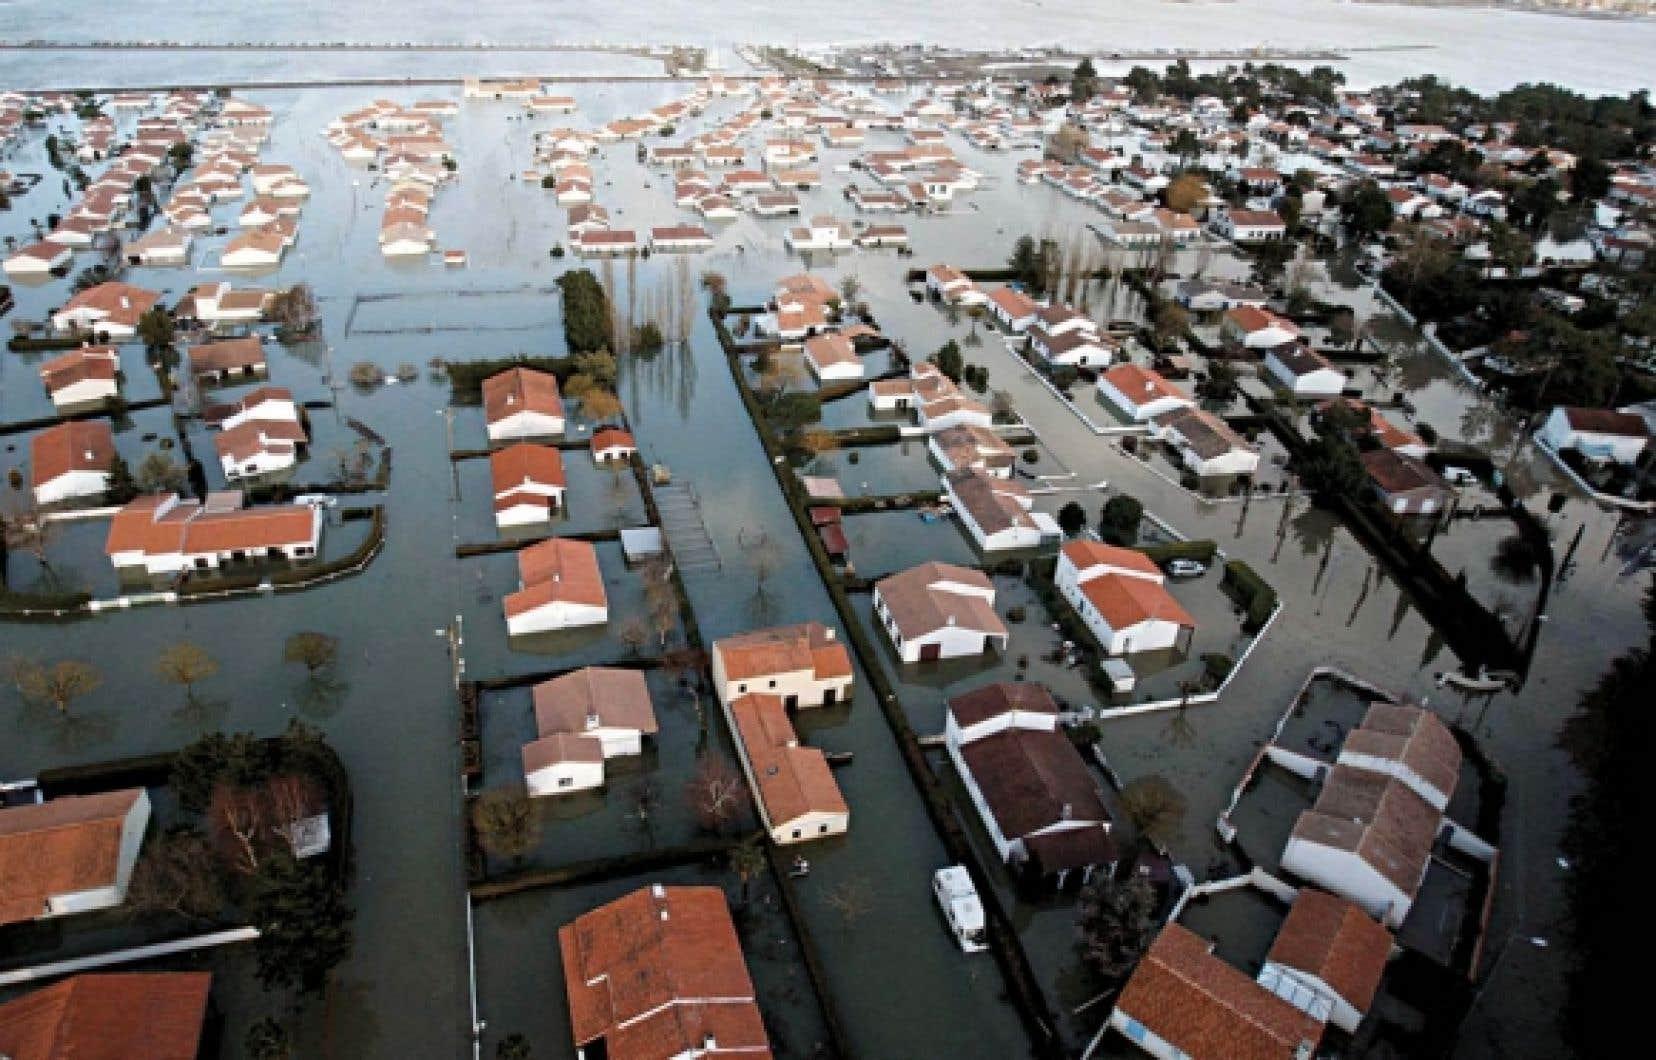 Une vue aérienne de la dévastation après le passage de la tempête Xynthia à La-Faute-sur-Mer, en Vendée.